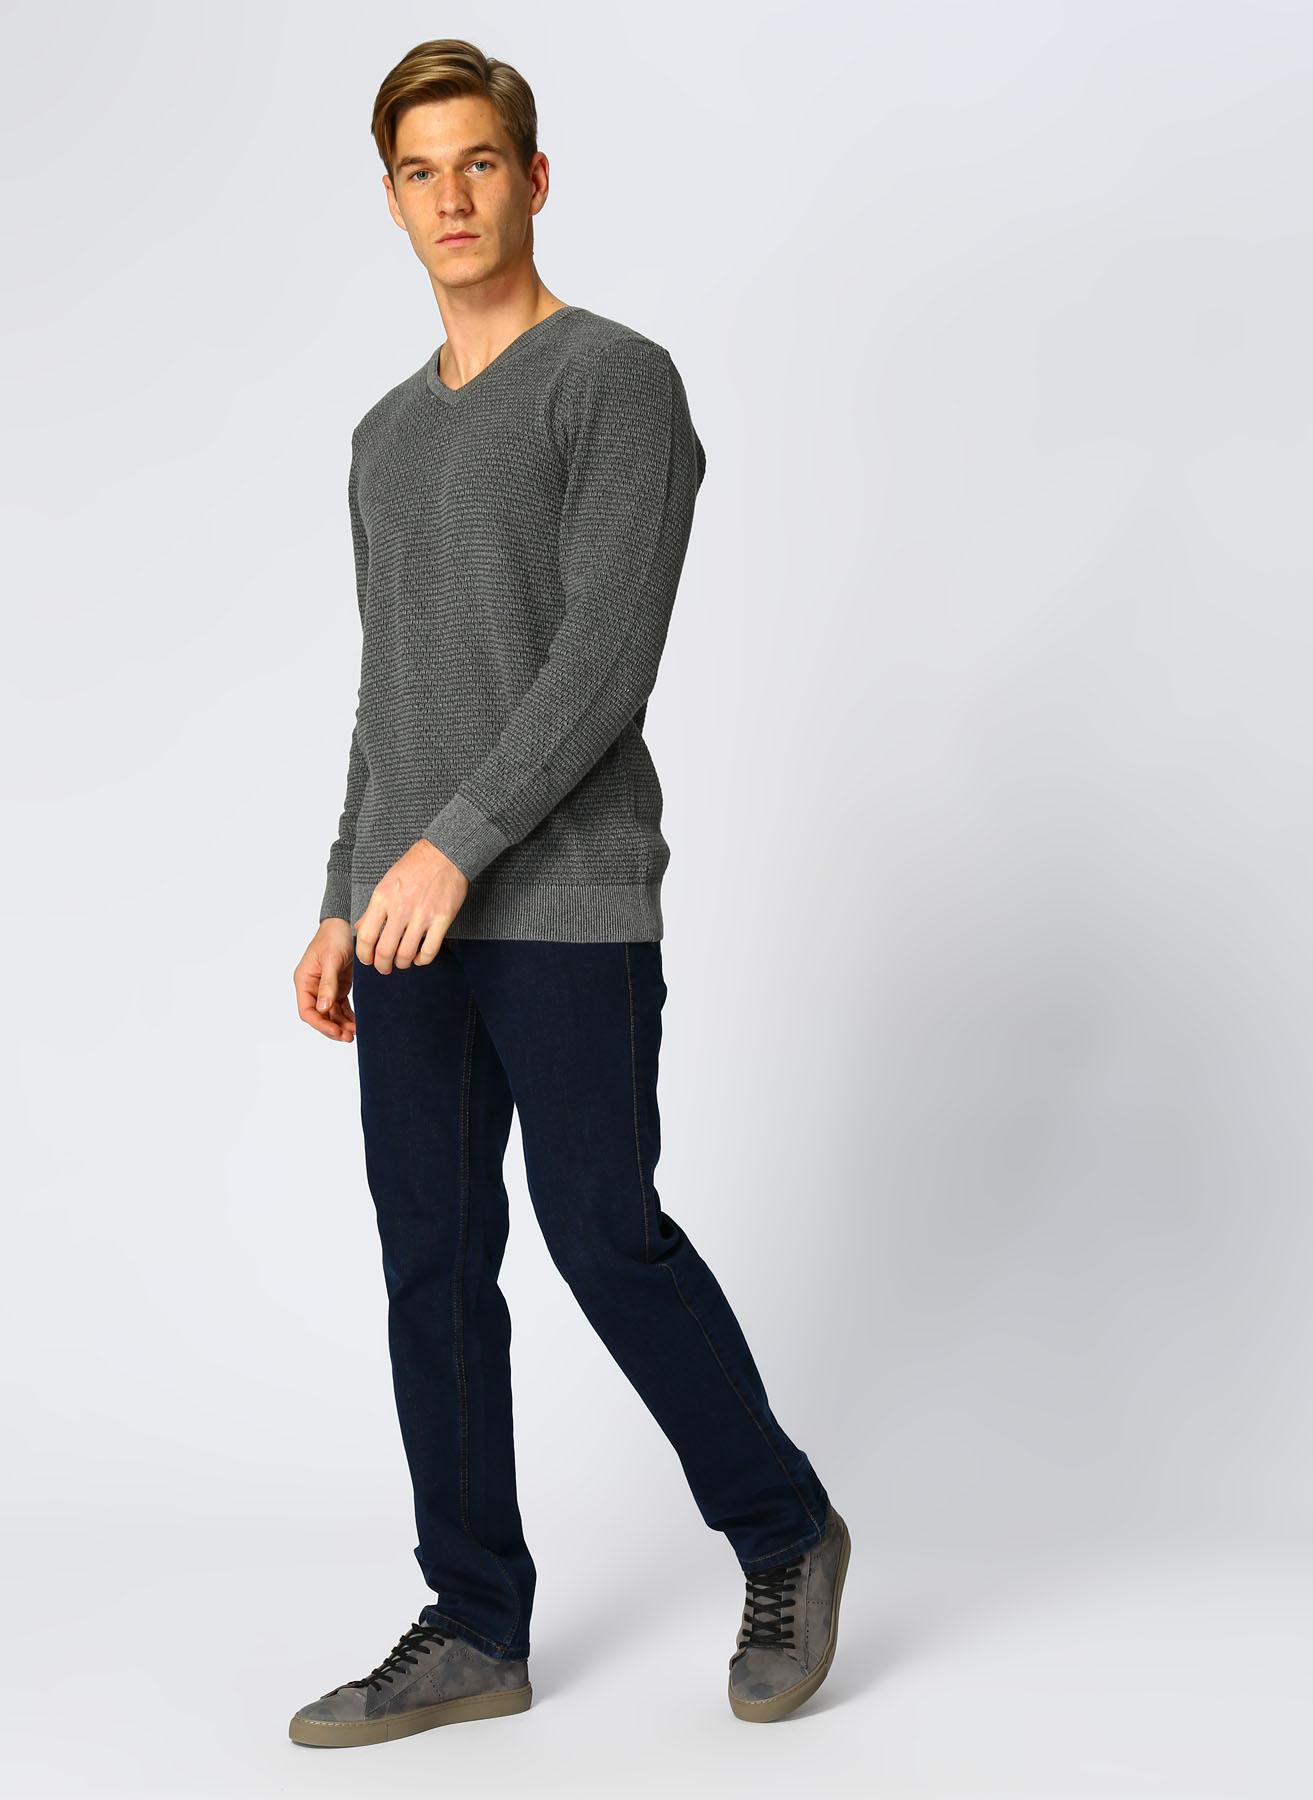 Mustang Koyu Lacivert Klasik Pantolon 32-34 5001702198001 Ürün Resmi